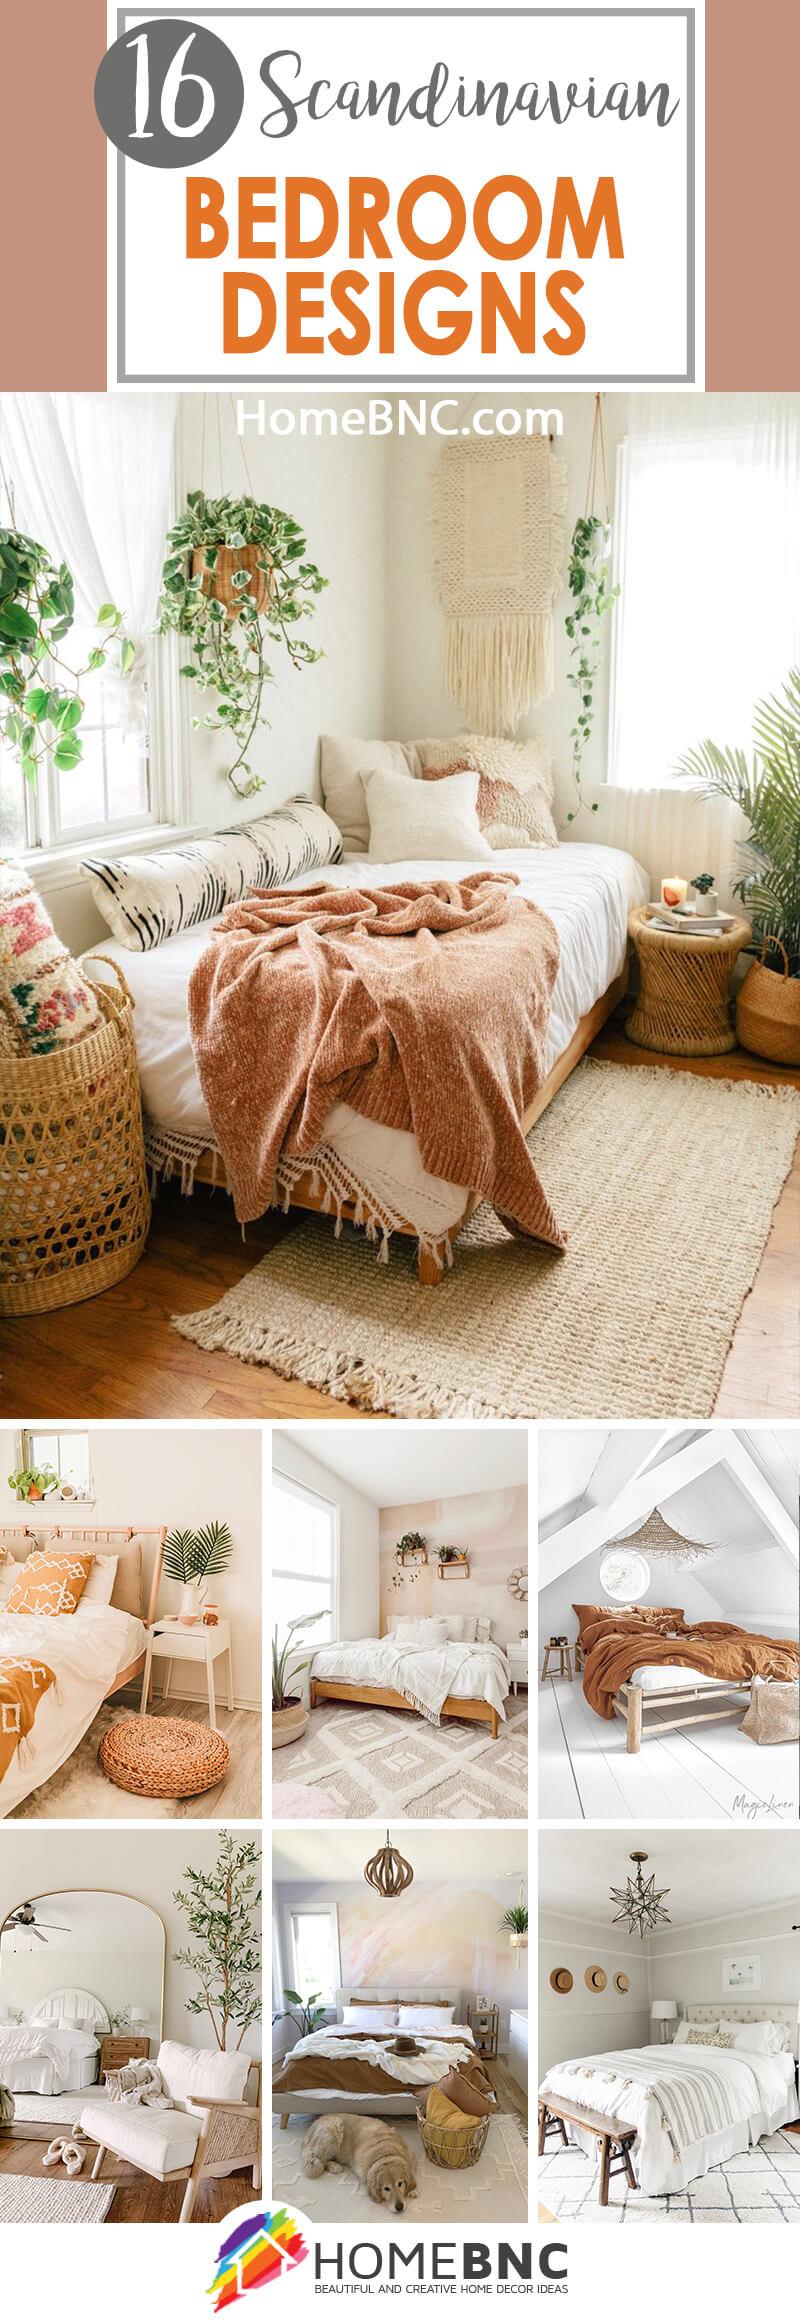 Best Scandinavian Bedroom Design Ideas